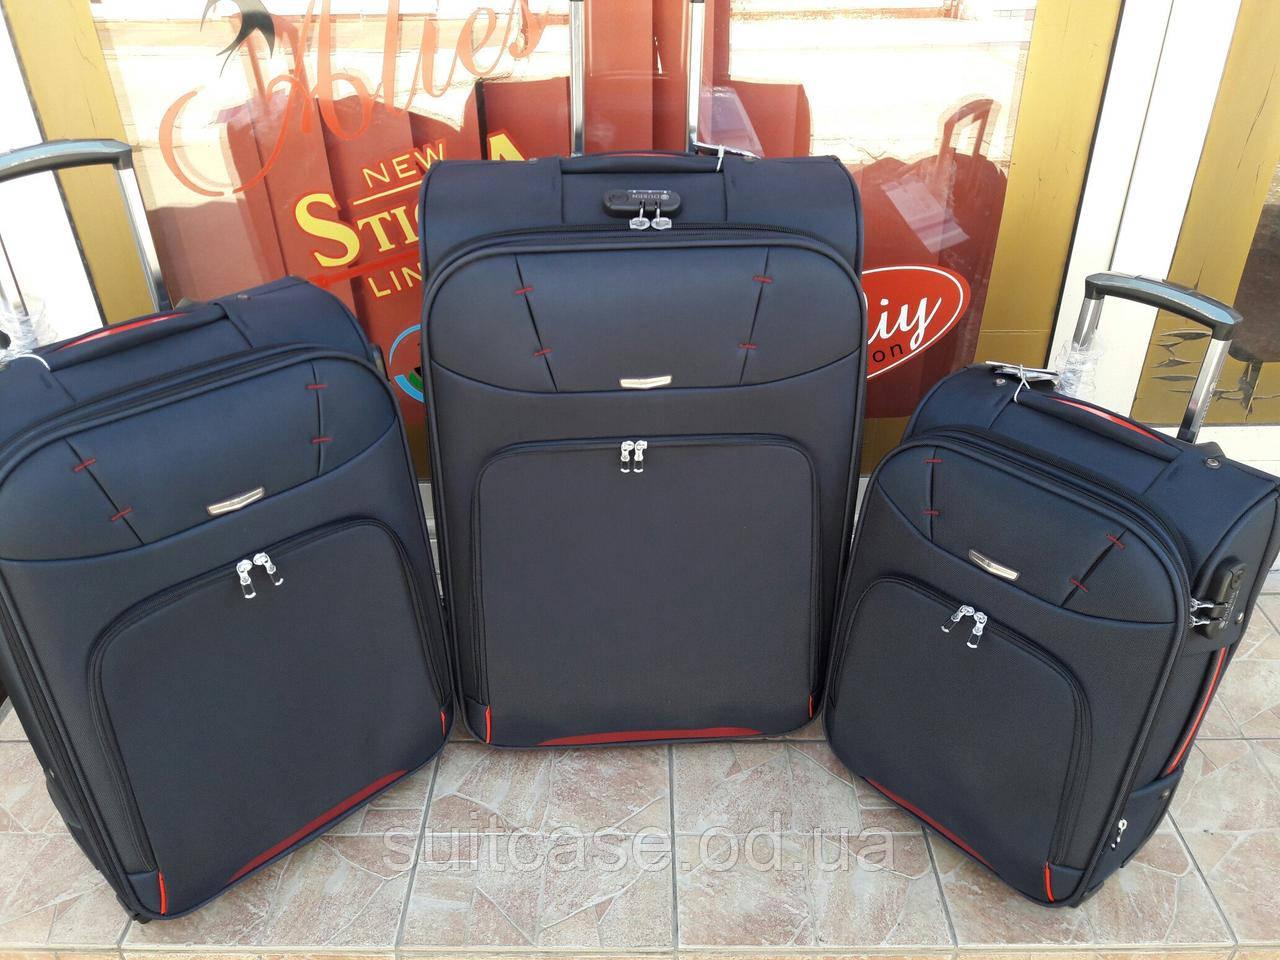 e5a8d800e212 Сверхпрочные чемоданы Premium class Ousen ! синий , Одесса 3-х шт,комплект -